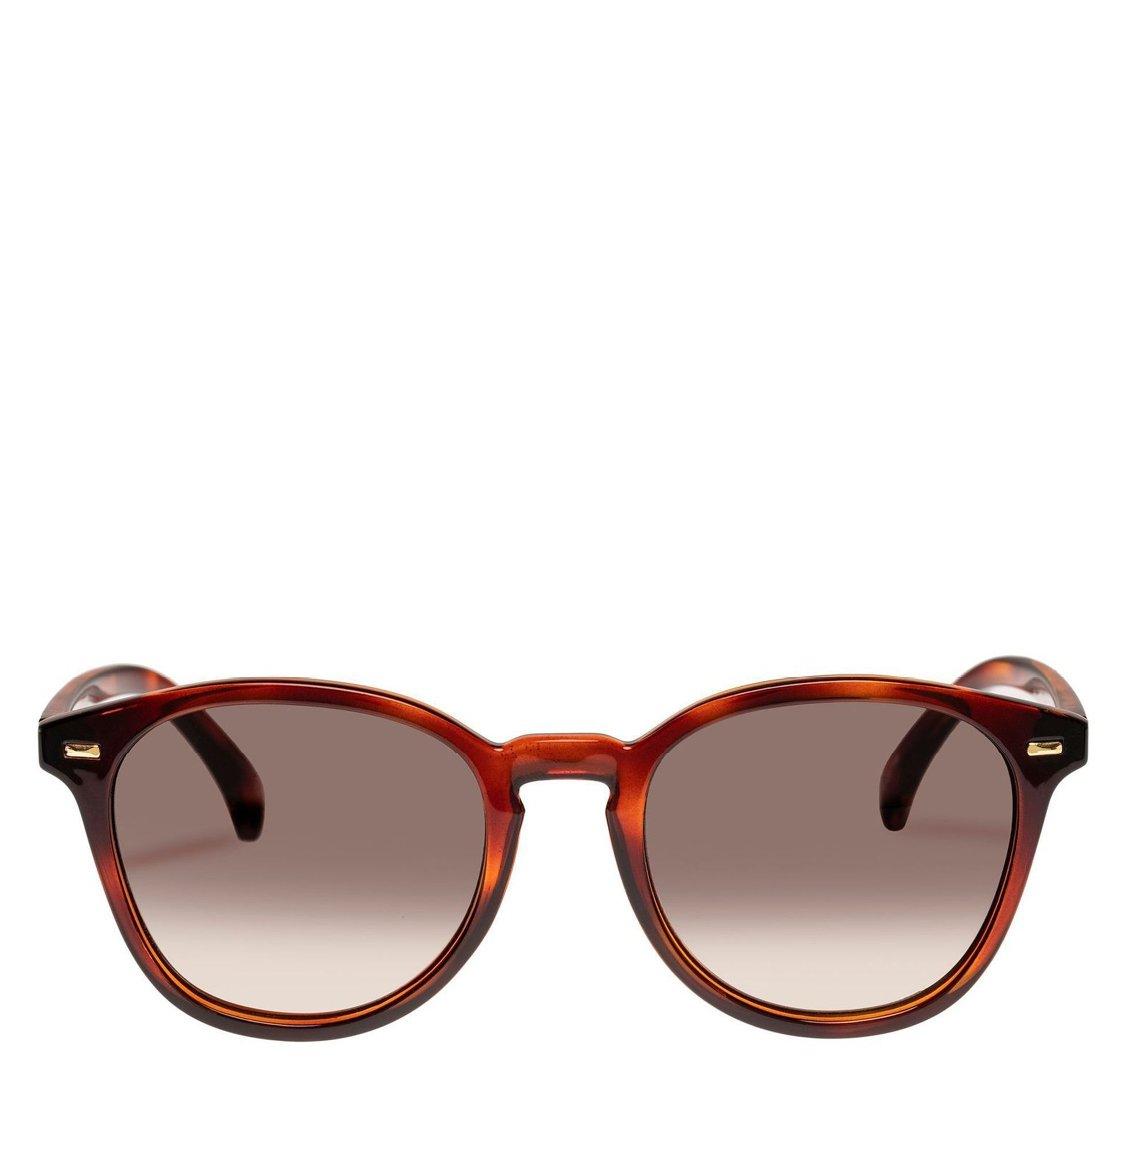 Le Specs Round Toffee Tortoise Γυαλιά Ηλίου